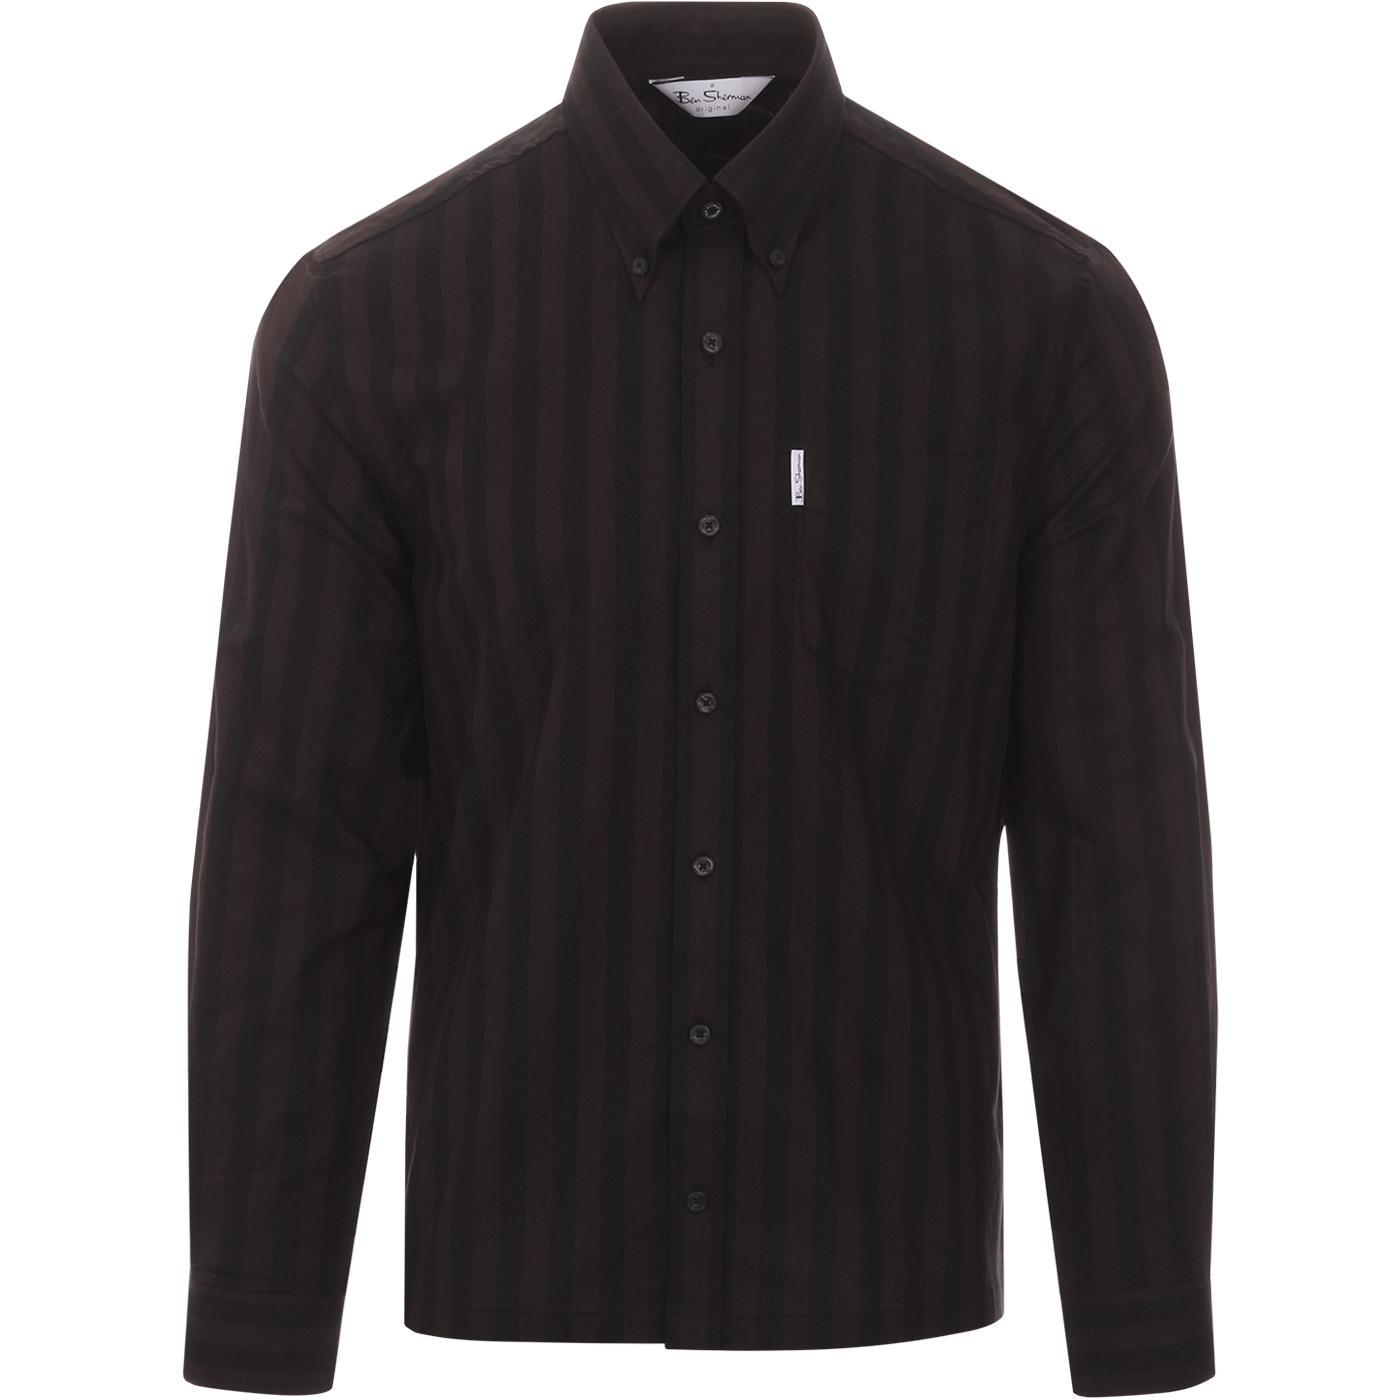 BEN SHERMAN Archive Candy Stripe Oxford Shirt A